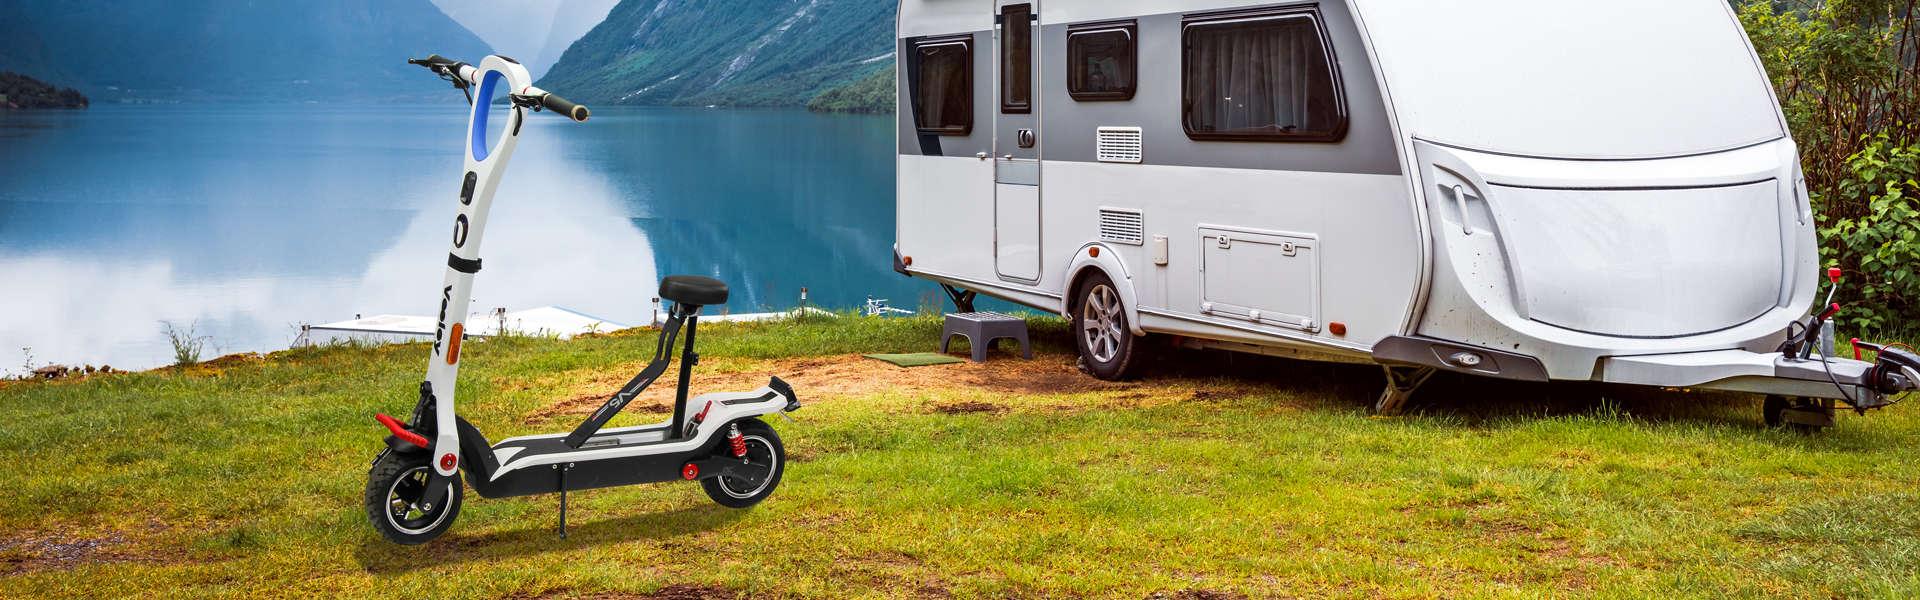 productfotografie sfeerfotografie scooters scooterliggend Veeley V5 elektrische step wit - Productfotografie van scooters